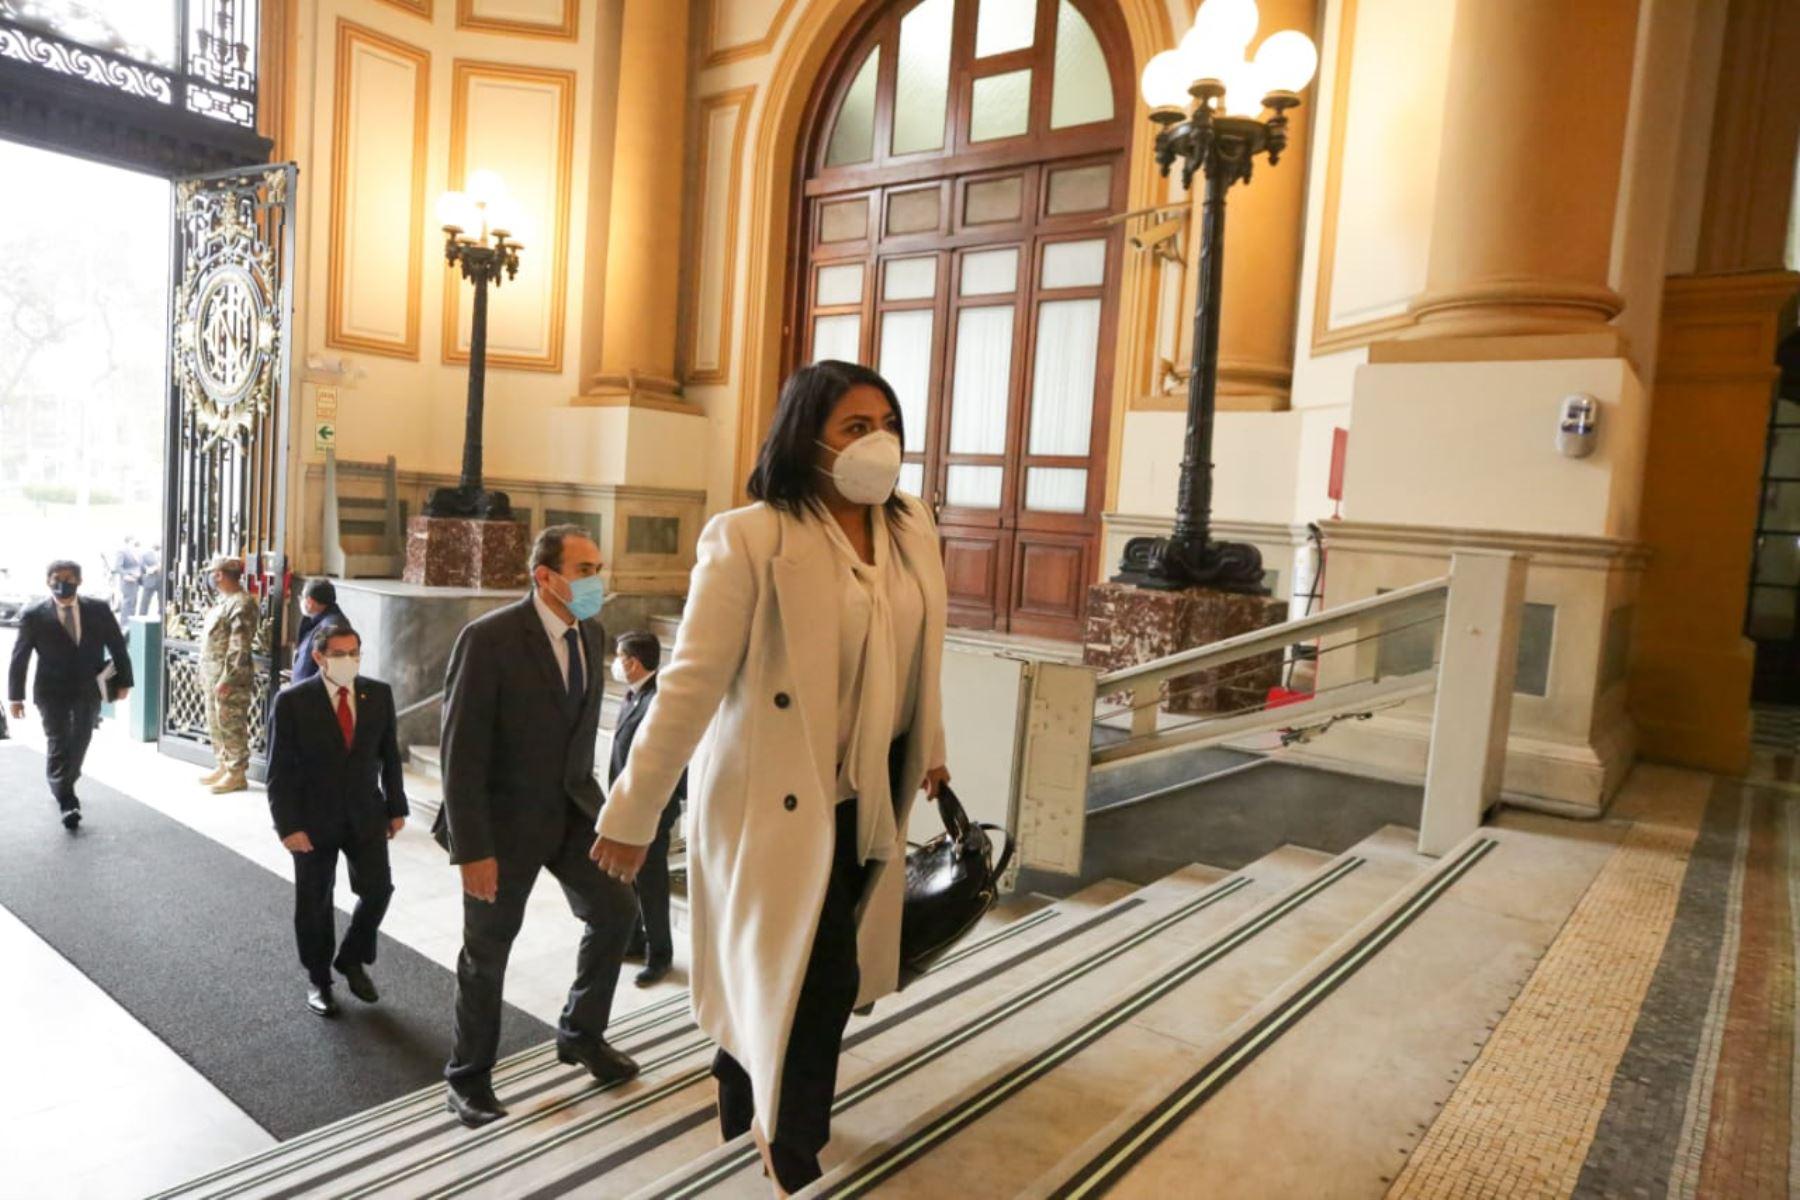 Ministra de Justicia y Derechos Humanos, Ana Neyra, llega a sede del Congreso junto al gabinete ministerial para solicitar el voto de confianza. Foto: ANDINA/PCM